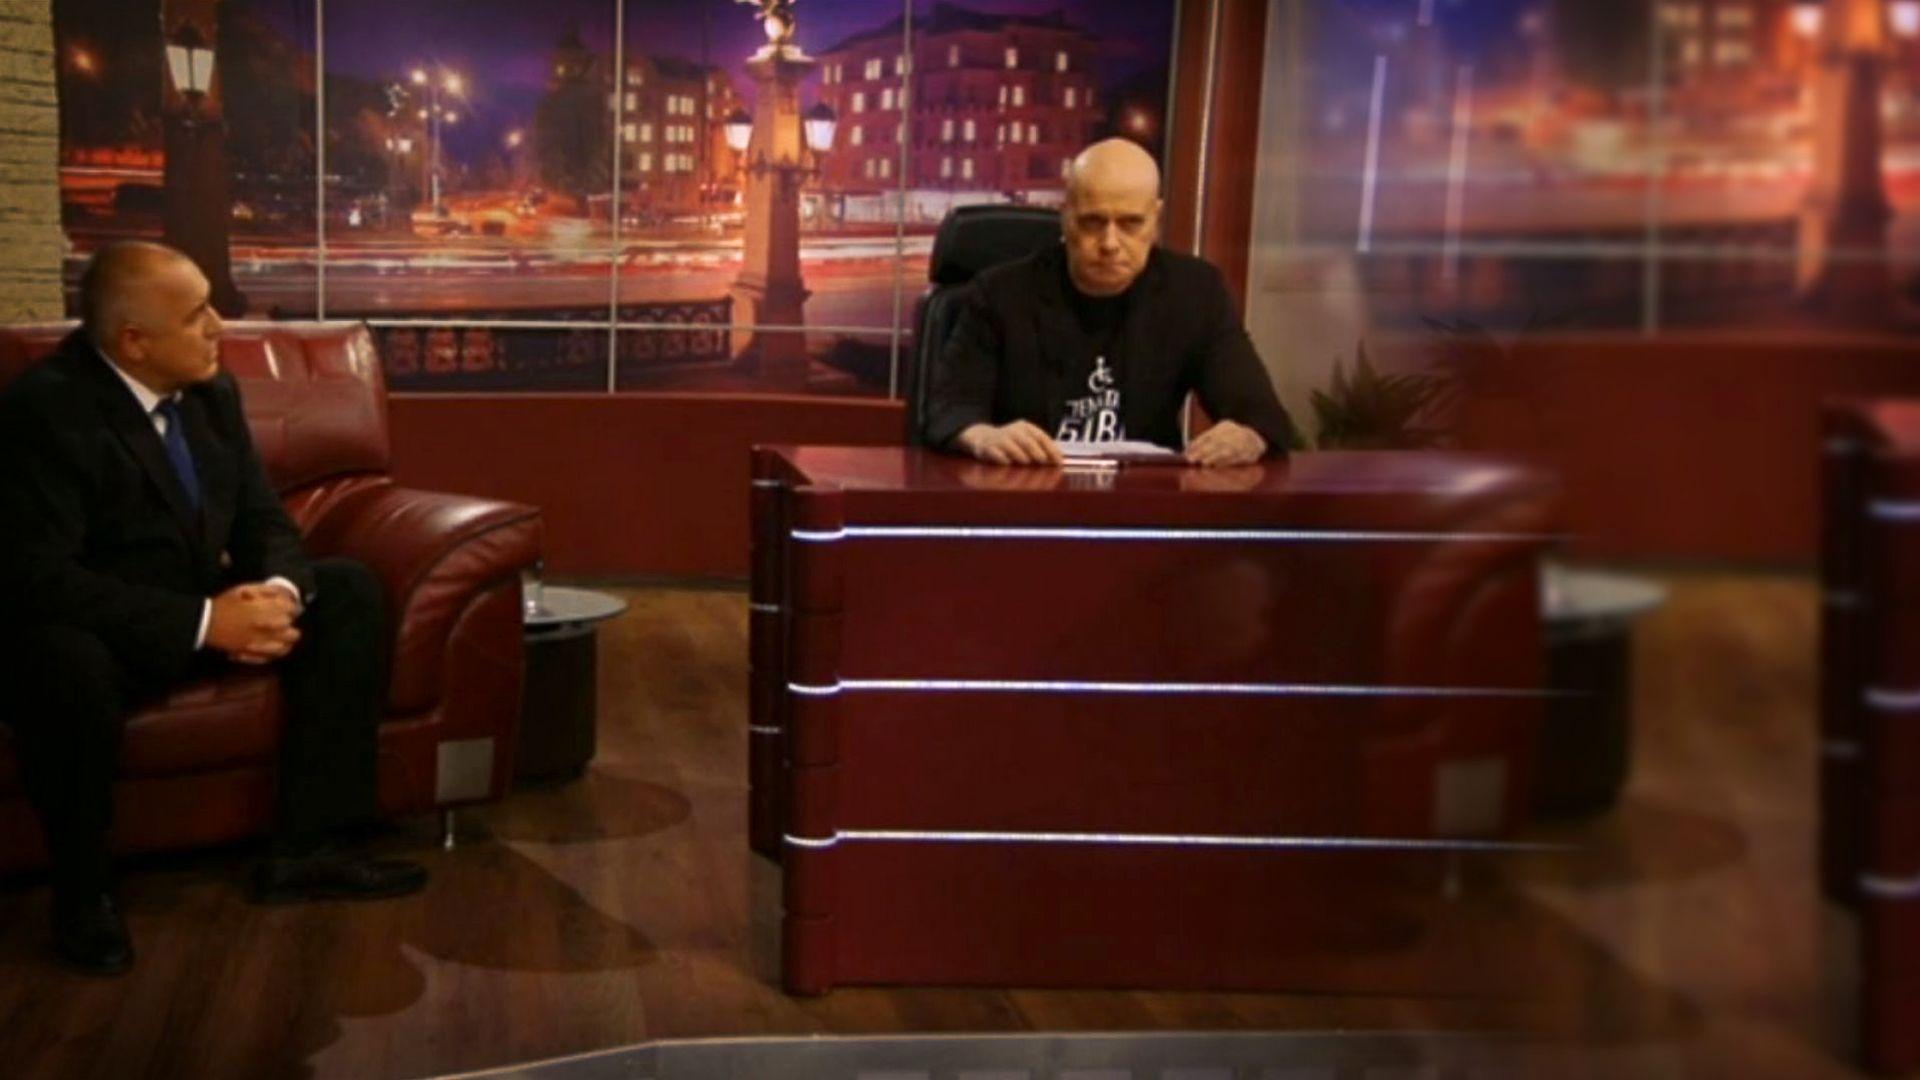 Бойко Борисов при Слави Трифонов: Новина за субсидиите, негативен пример с Румен Радев и зов за нормален диалог (видео)